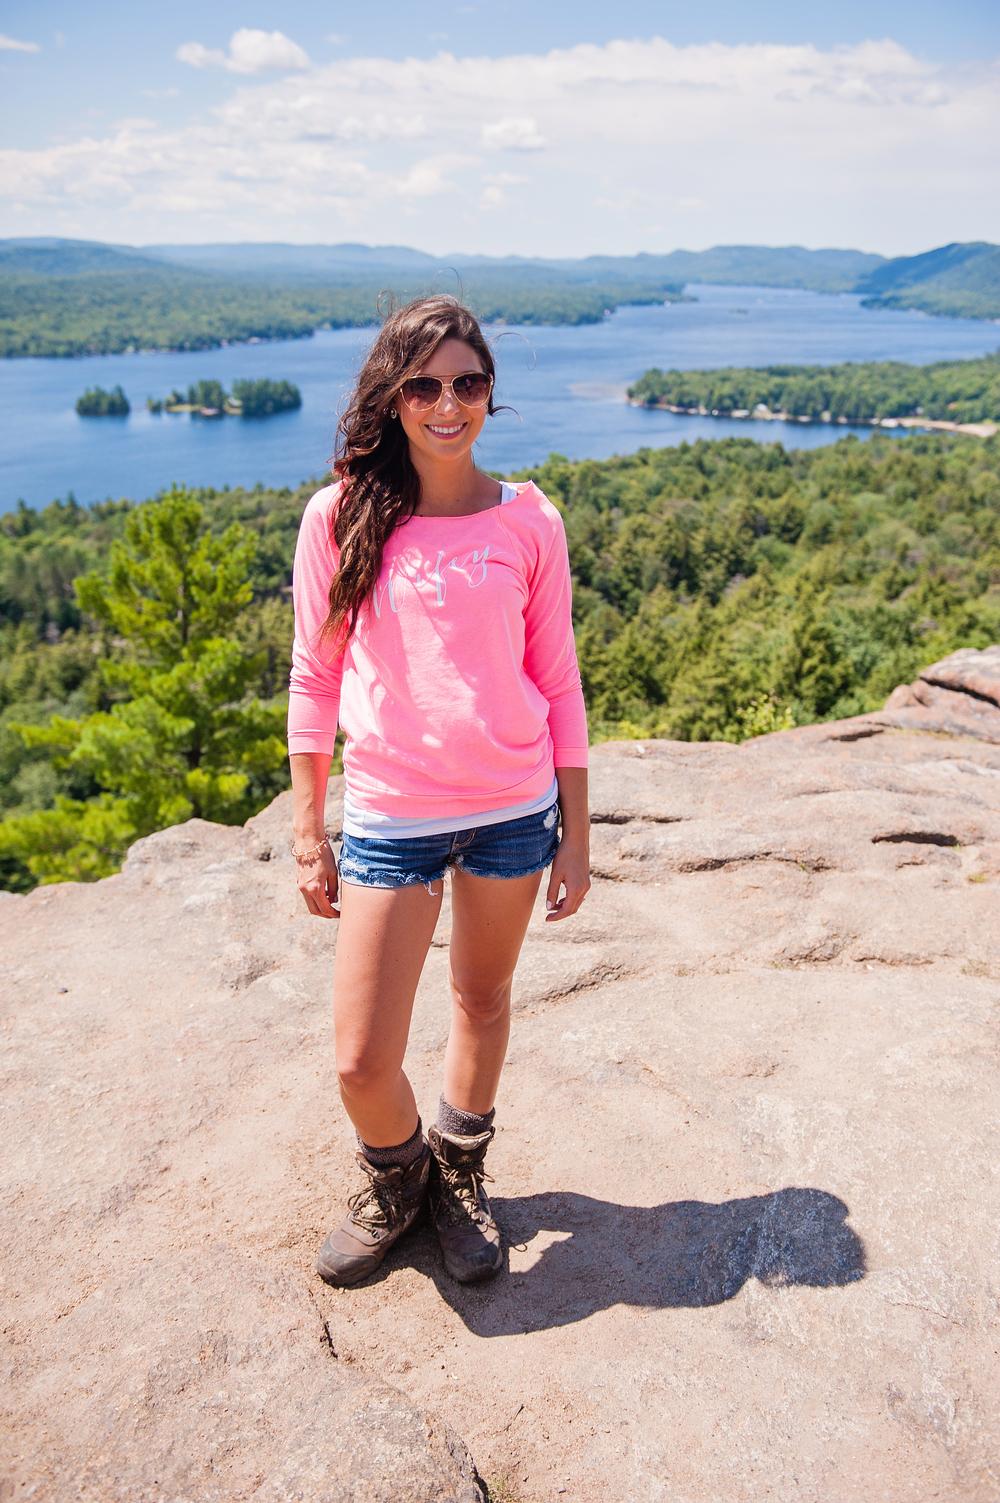 Wifey Sweatshirt Camo Hiking Boots